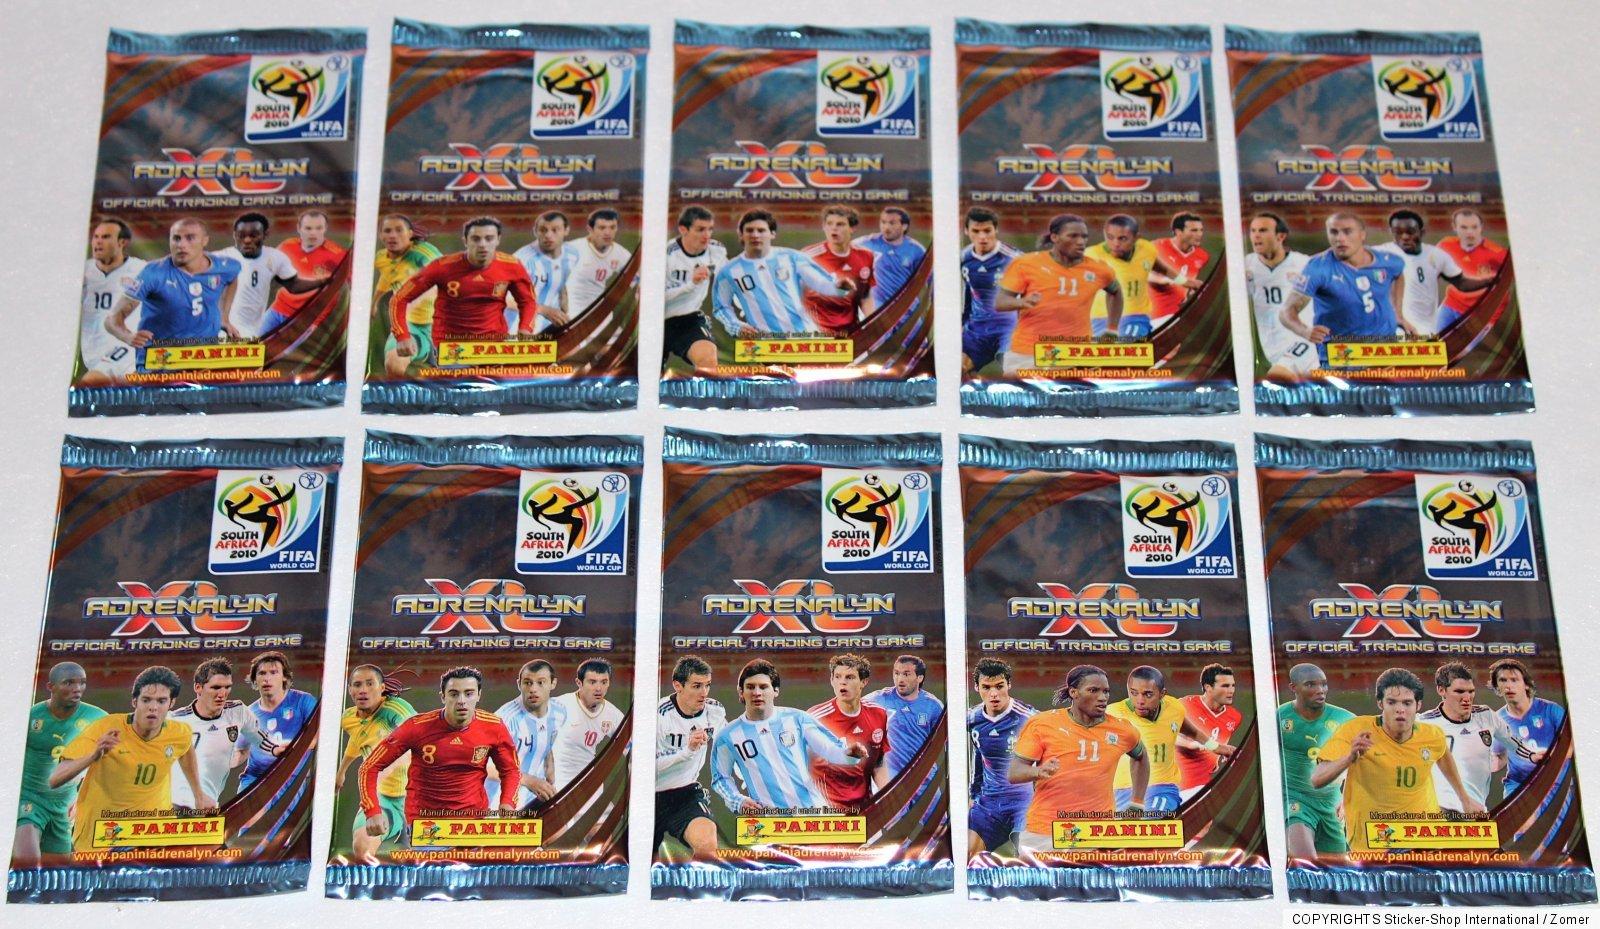 Adrenalyn WM World Cup 2010-124-steven gerrard-inglaterra-Star Player